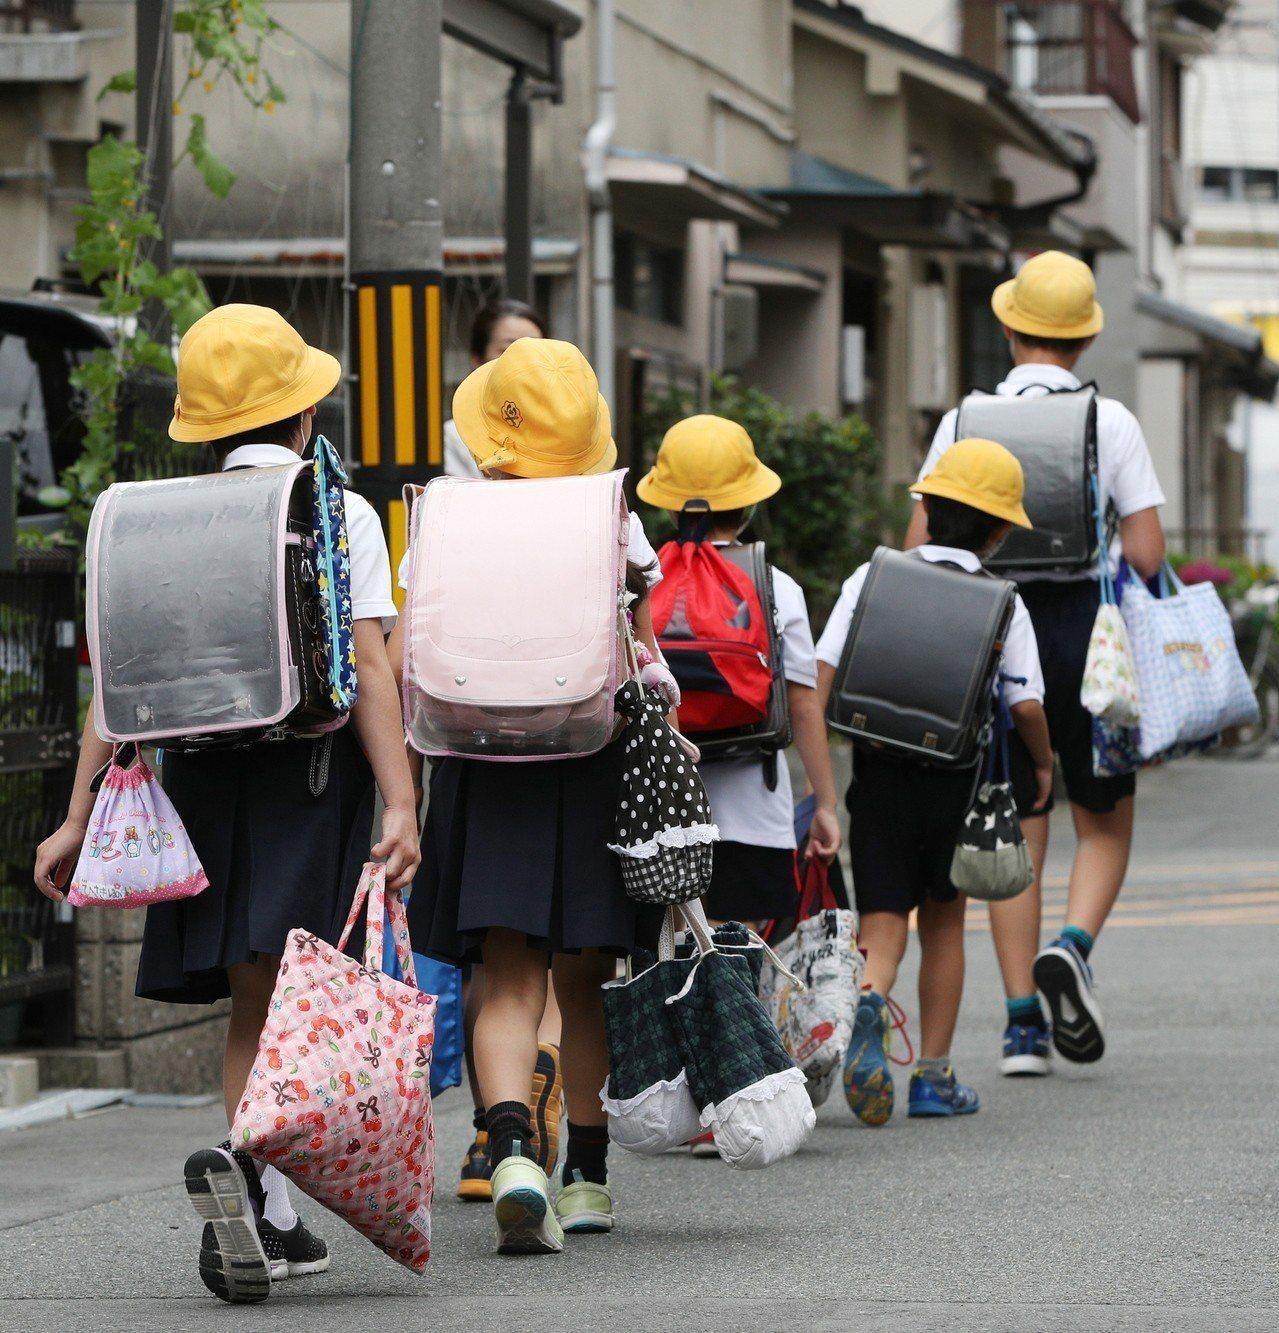 日本青少年自殺率居高不下,家庭和霸凌是主要原因。(歐新社)